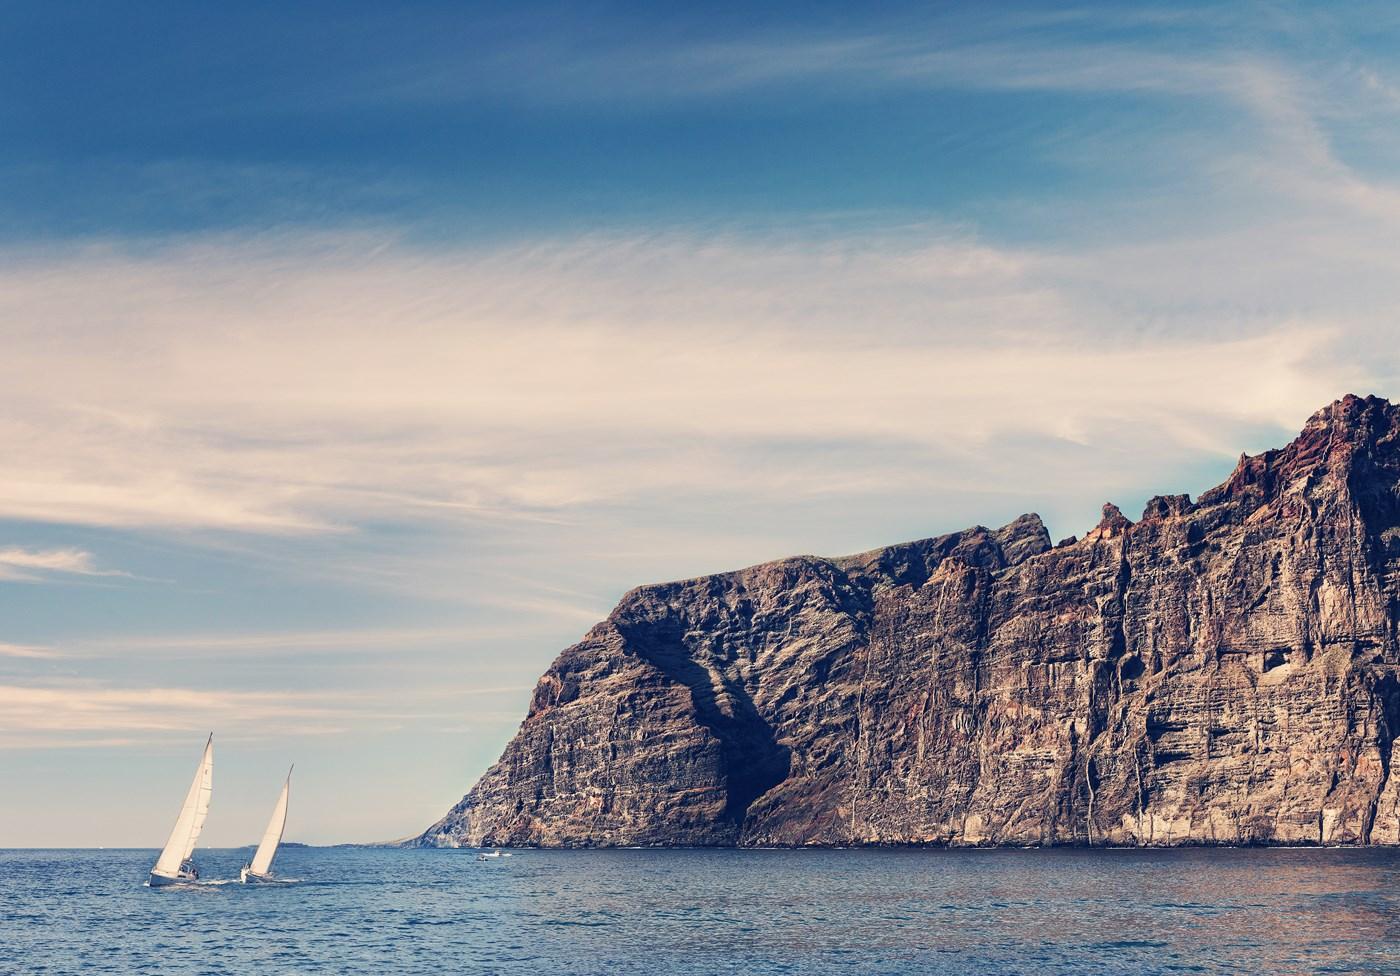 los-gigantes-krasivo-Tenerife-Kanarskie-ostrova